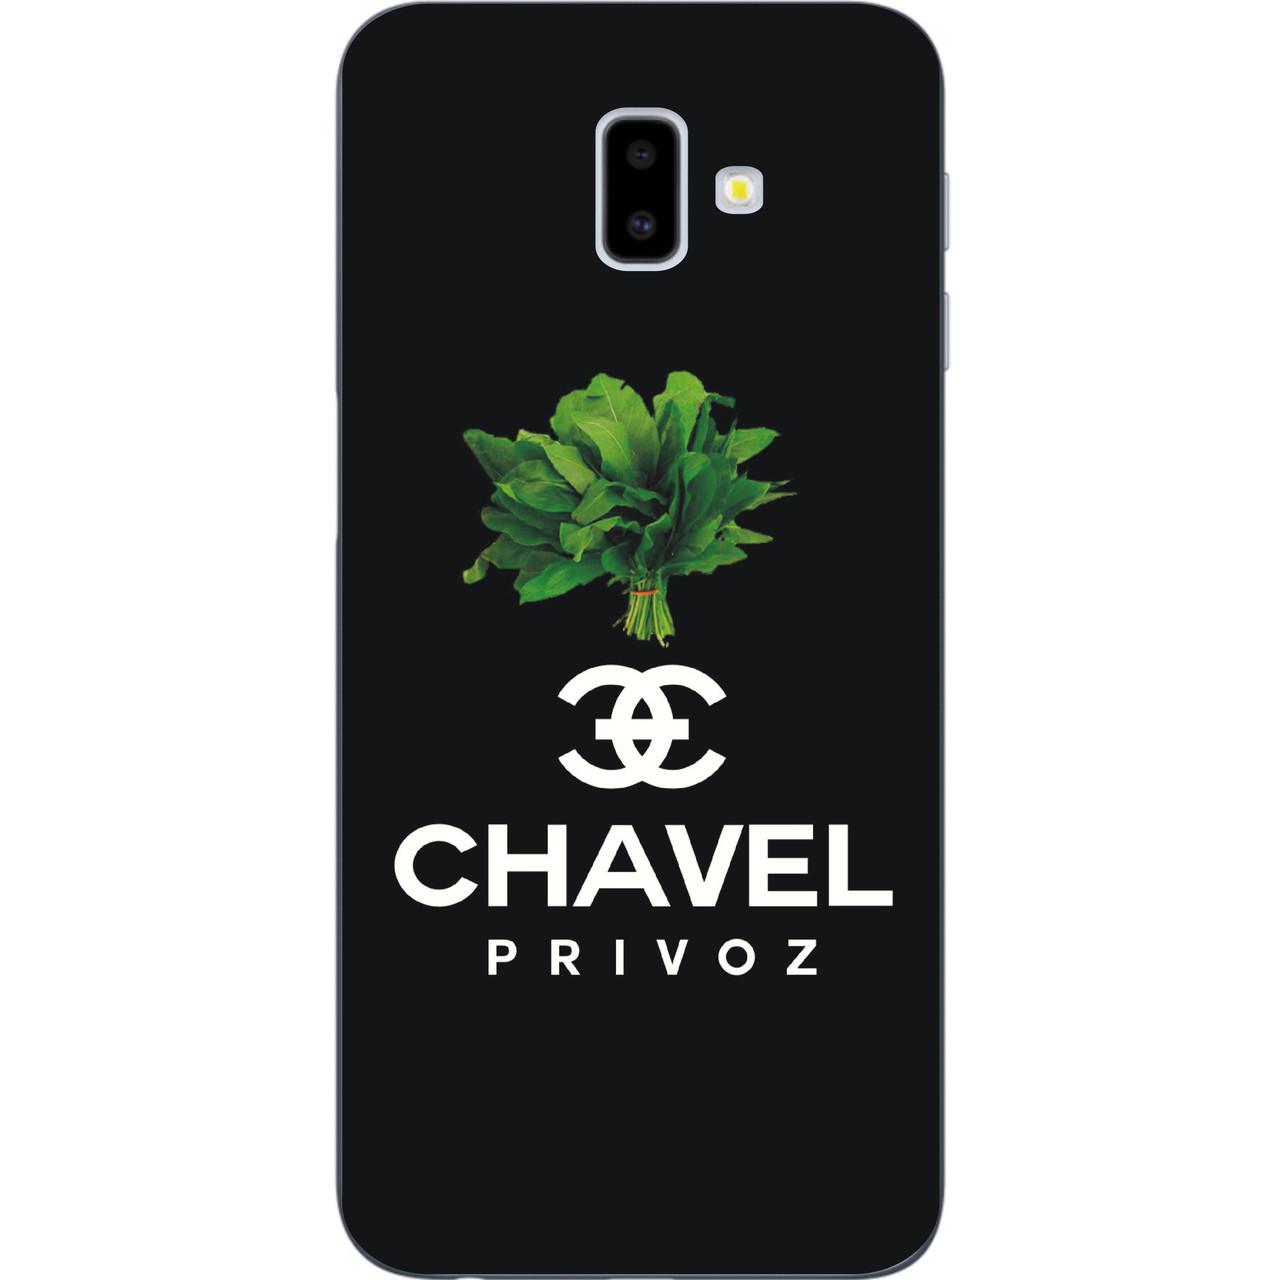 Антибрендовый силиконовый чехол для Samsung Galaxy J6 Plus 2018 с картинкой Chavel на черном фоне